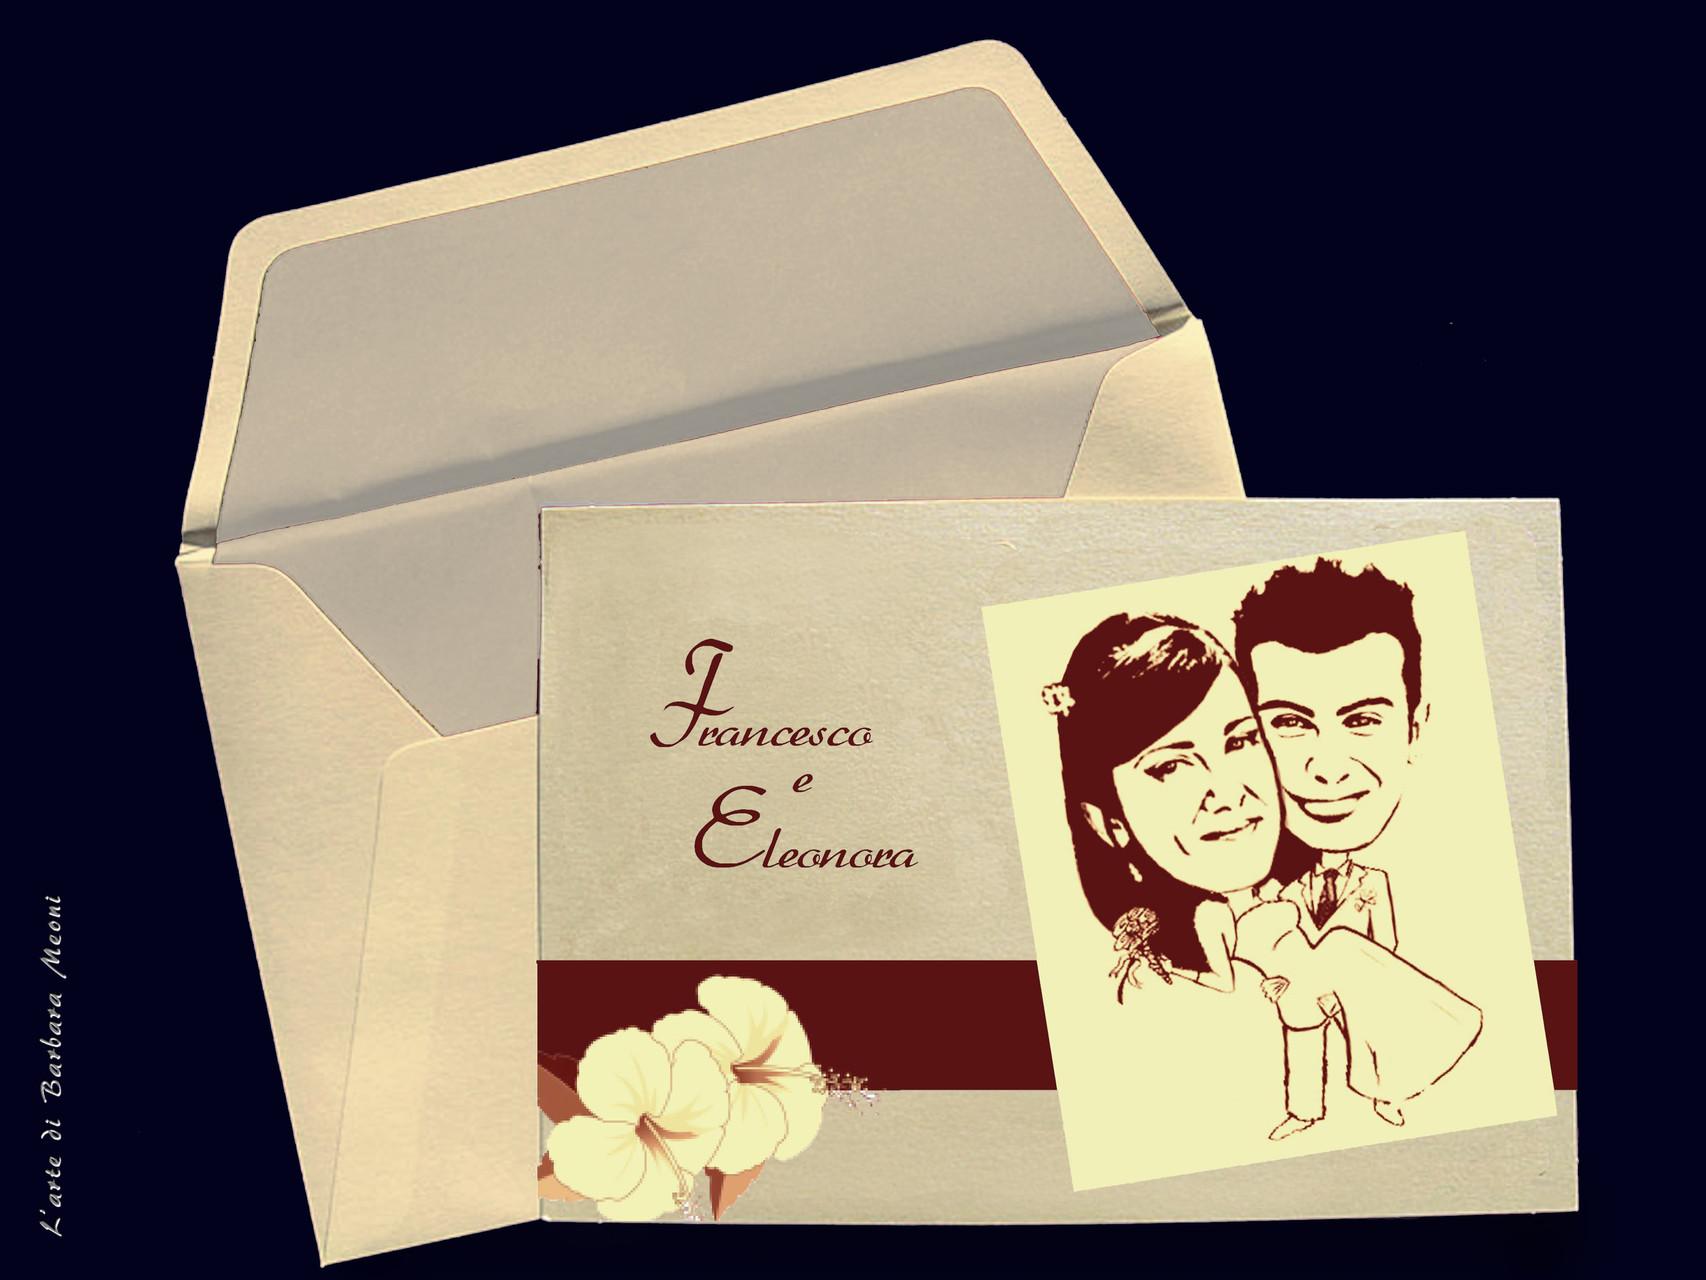 Caricatura stilizzata Francesco e Eleonora su partecipazione di nozze